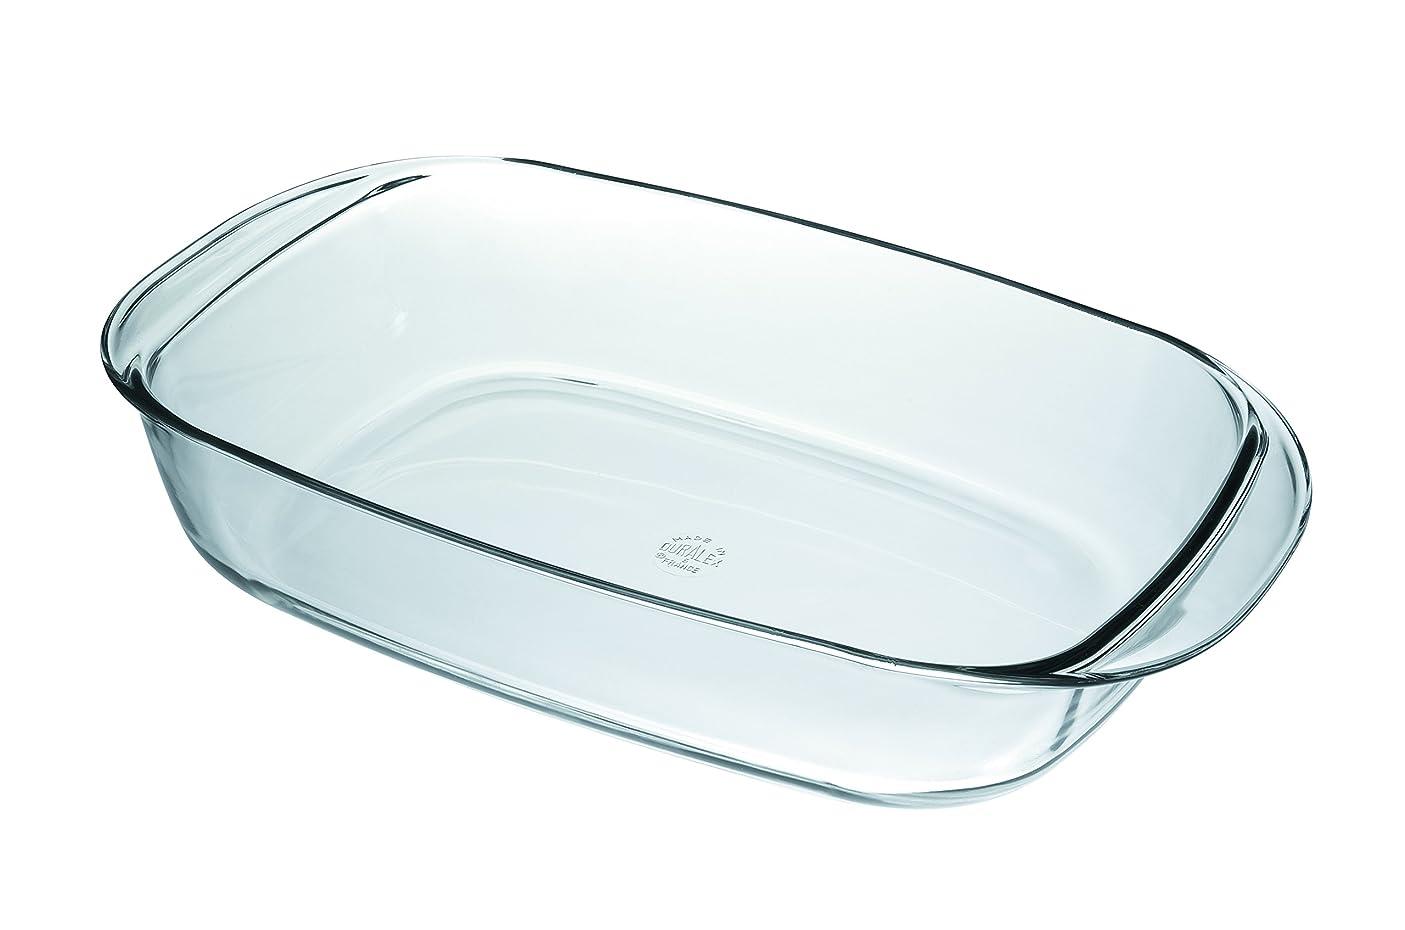 文明寛大な実際に(38cm x 23cm) - Duralex 38 x 23 cm Oven Chef Rectangular Roaster, Transparent